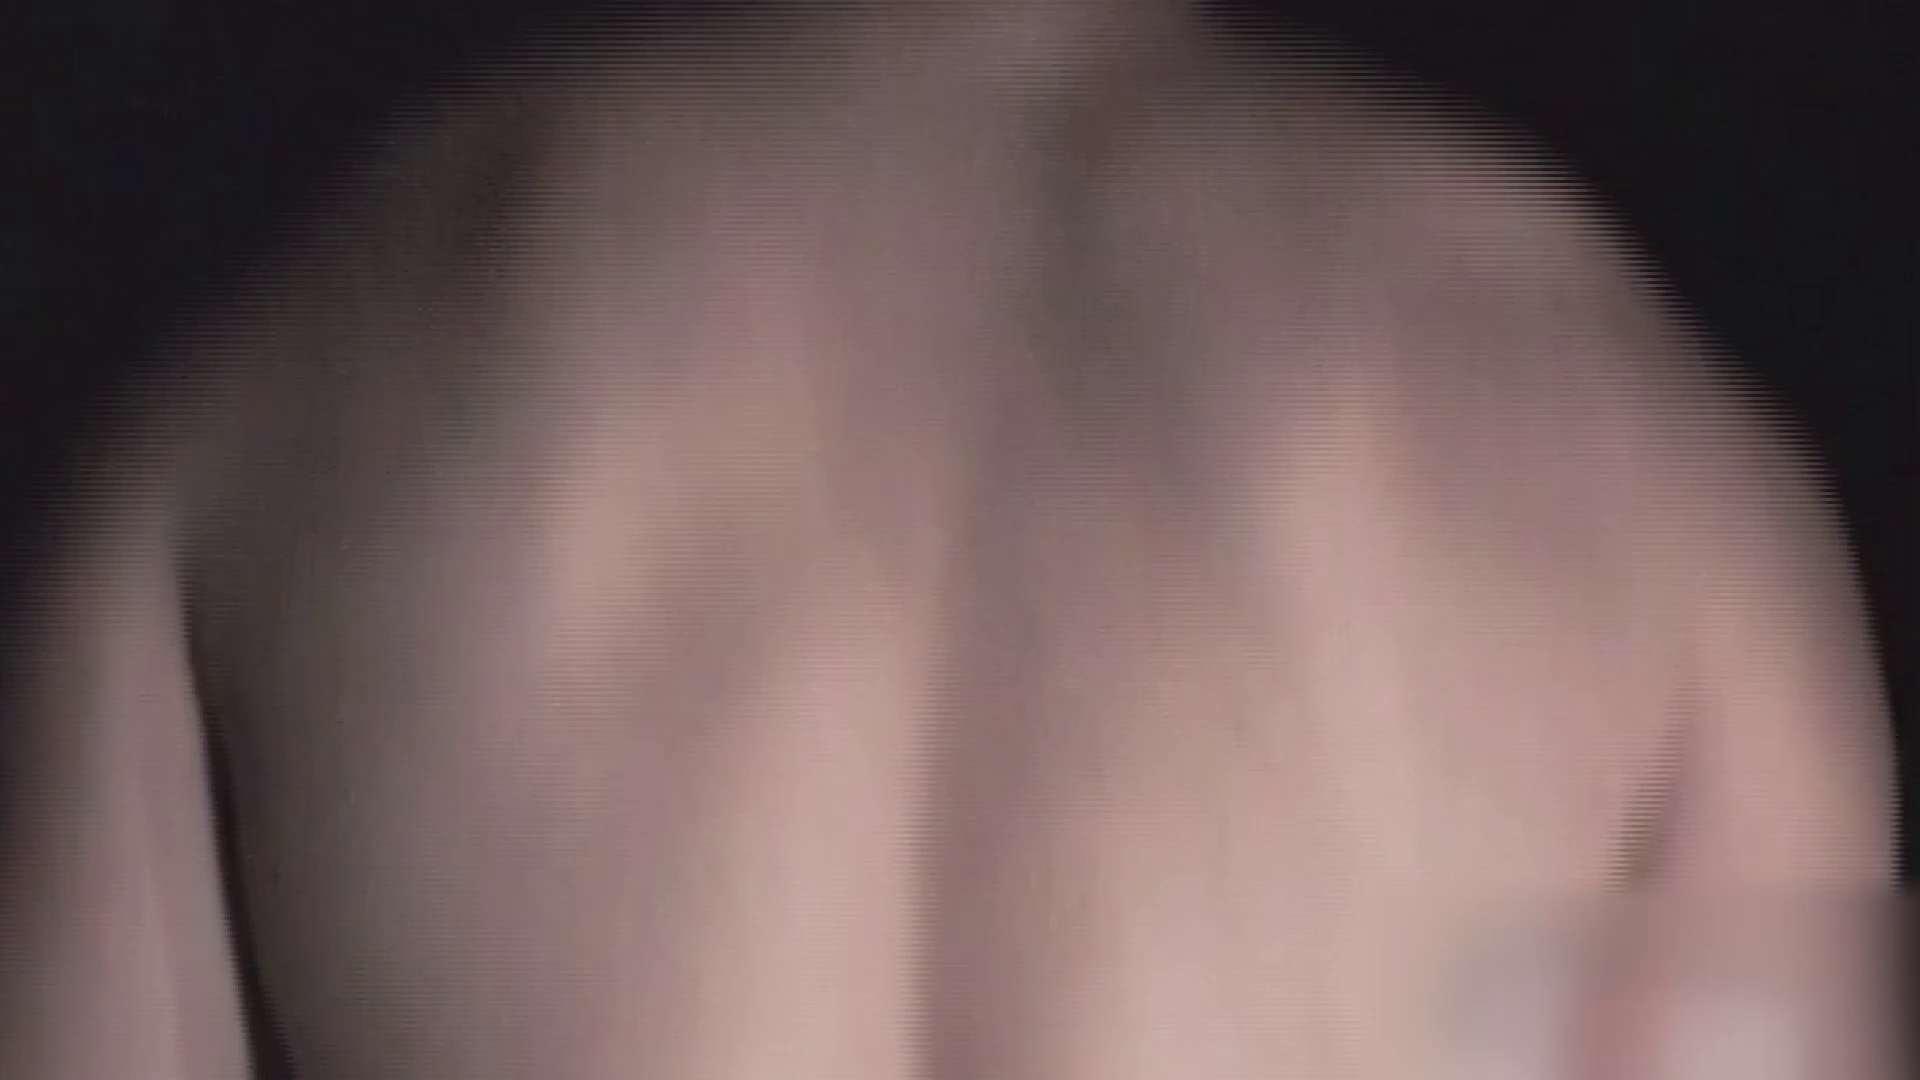 珍肉も筋肉の内!!vol.5 大学生 ゲイ無修正ビデオ画像 114枚 110